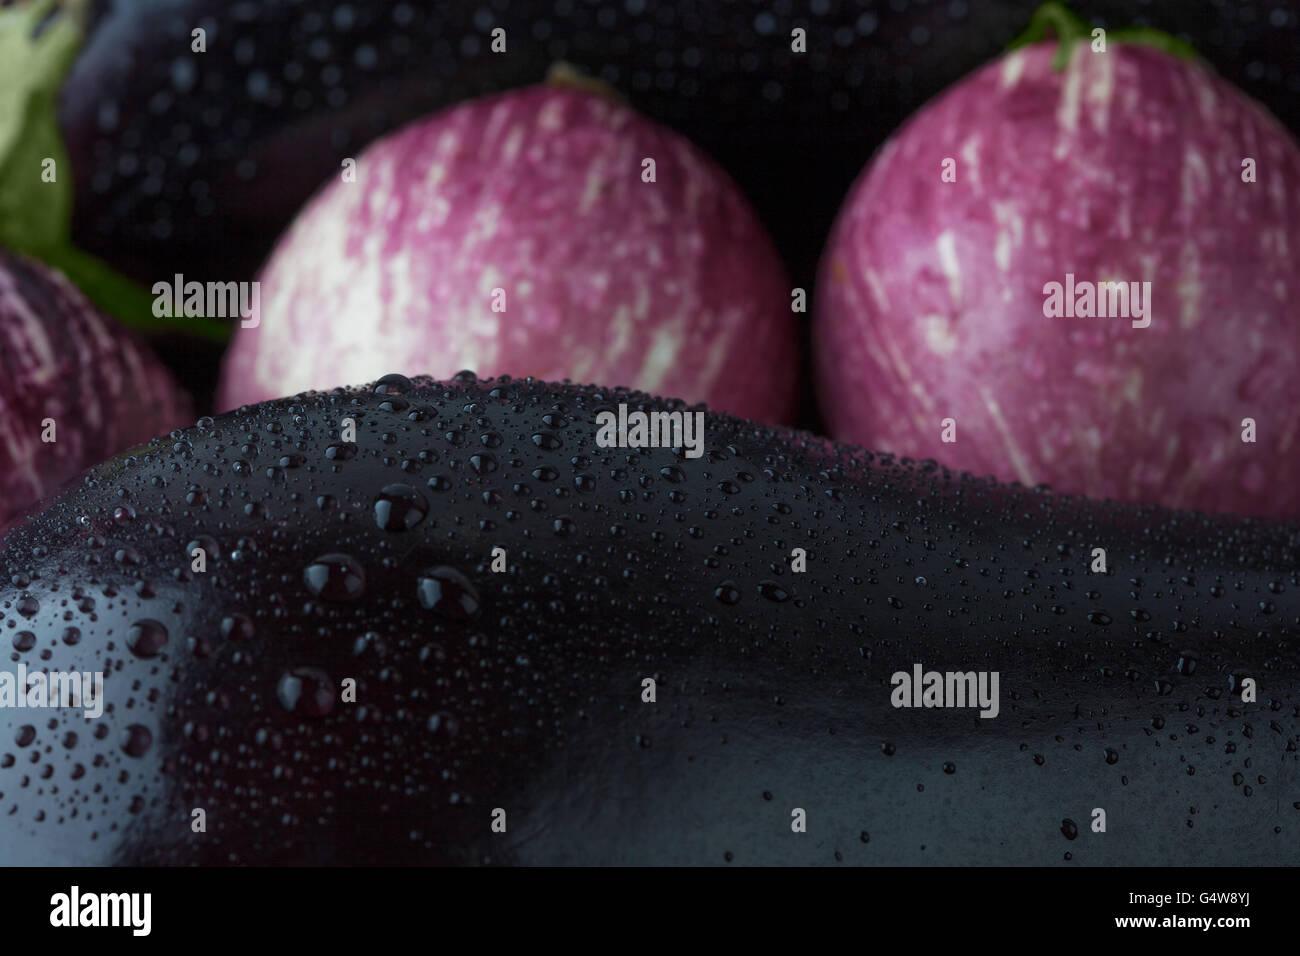 Wet noir et violet aubergine à rayures gros plan extrême. Profondeur de champ Photo Stock